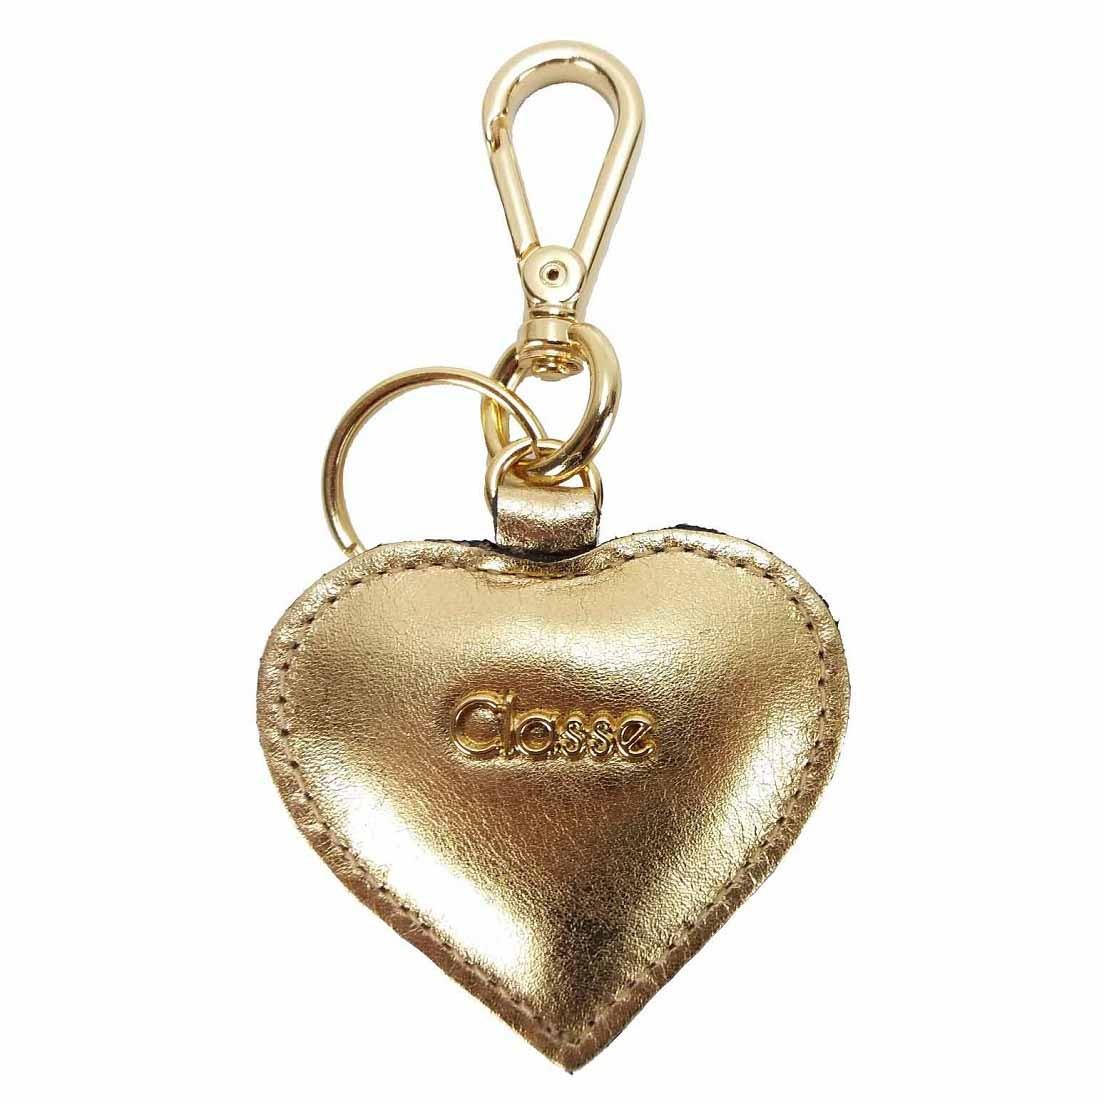 Chaveiro Classe Couro Coração Dourado